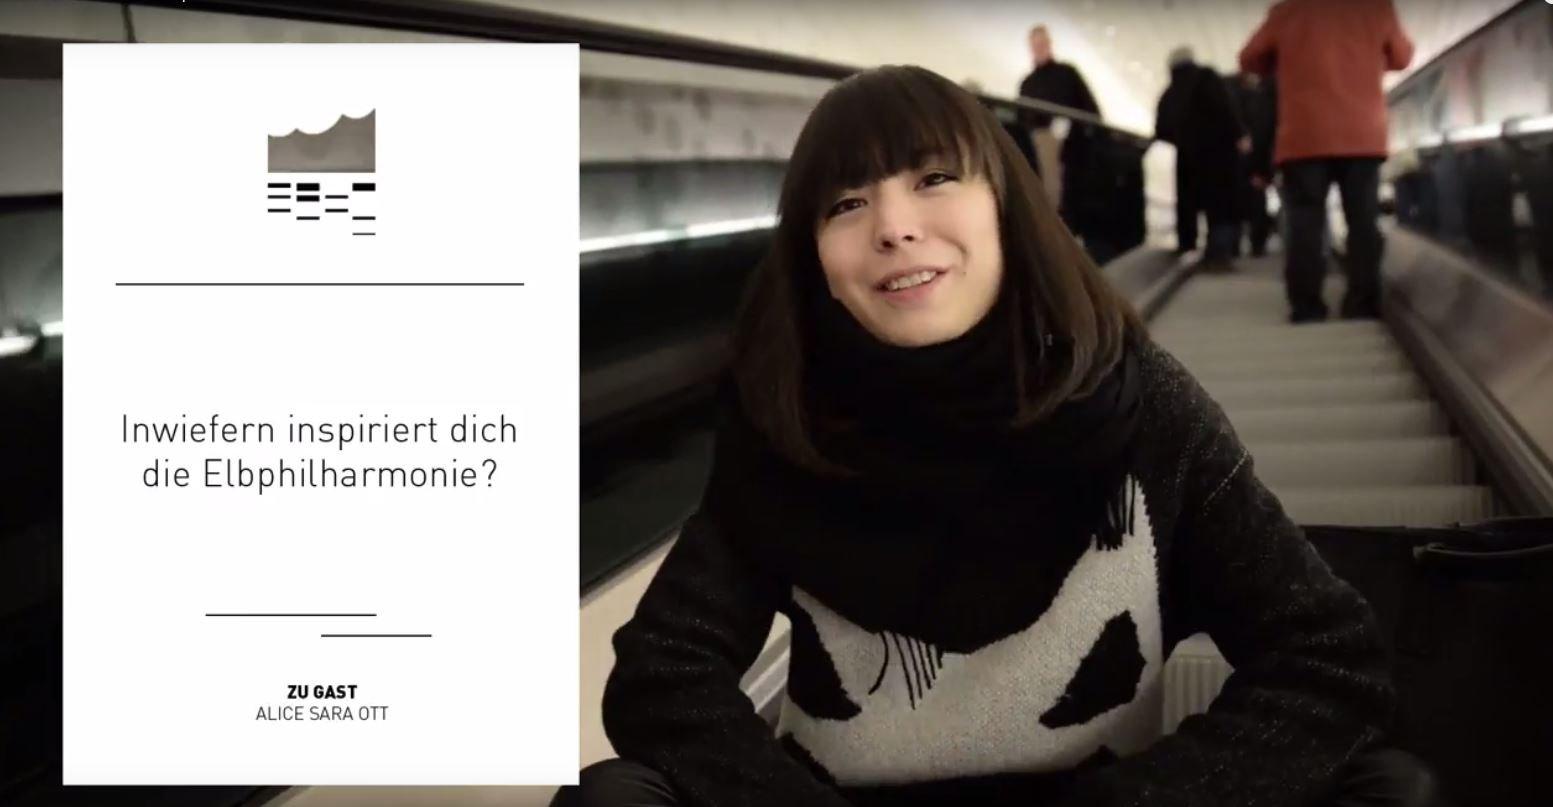 Tube Talk with Alice Sara Ott